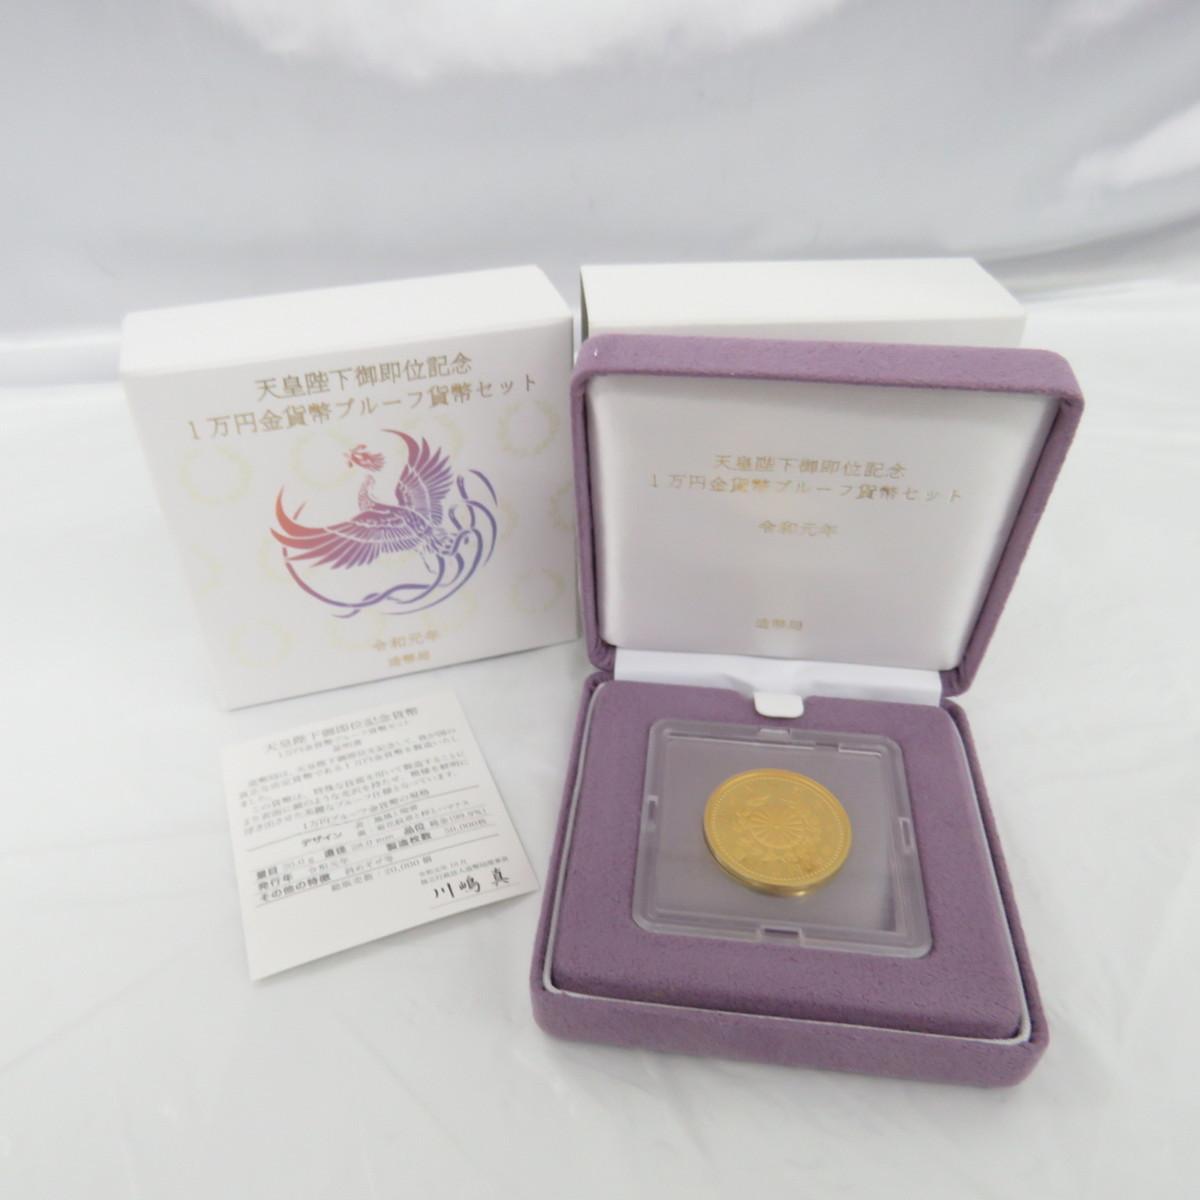 【記念貨幣】天皇陛下御即位記念 1万円金貨幣プルーフ貨幣セット 令和元年 箱あり 918144466